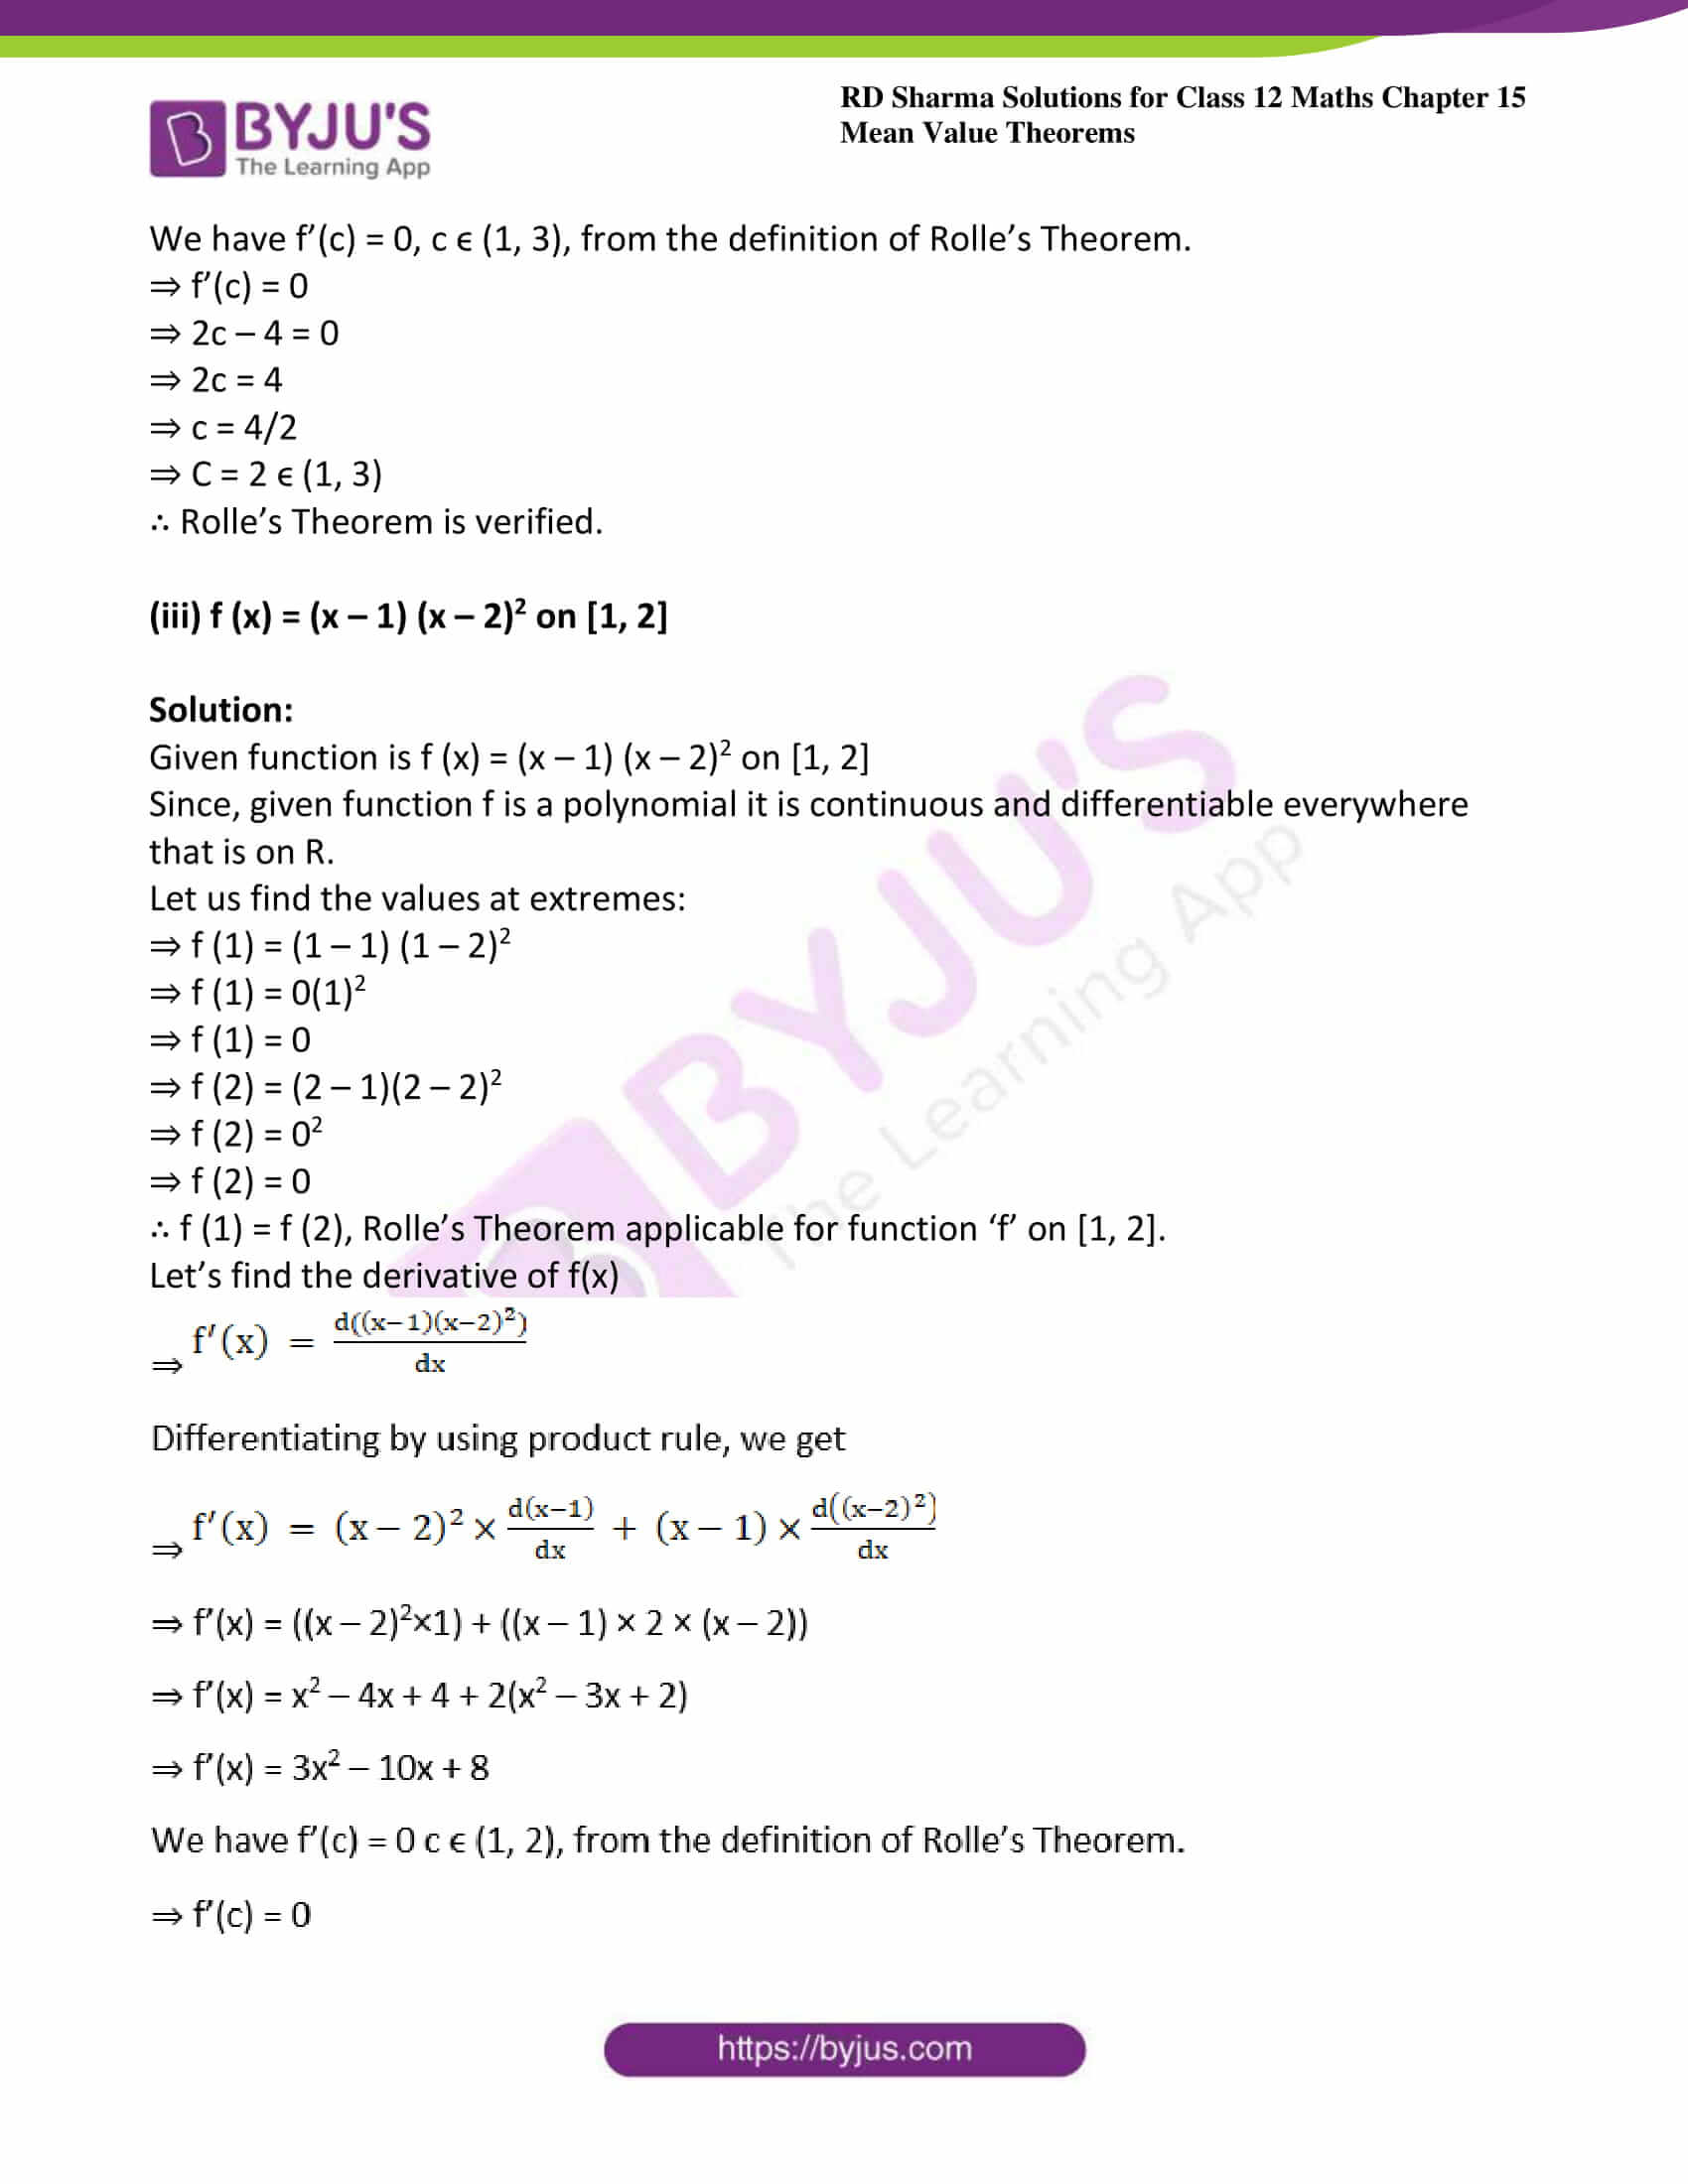 rd sharma class 12 maths solutions chapter 15 ex 1 08